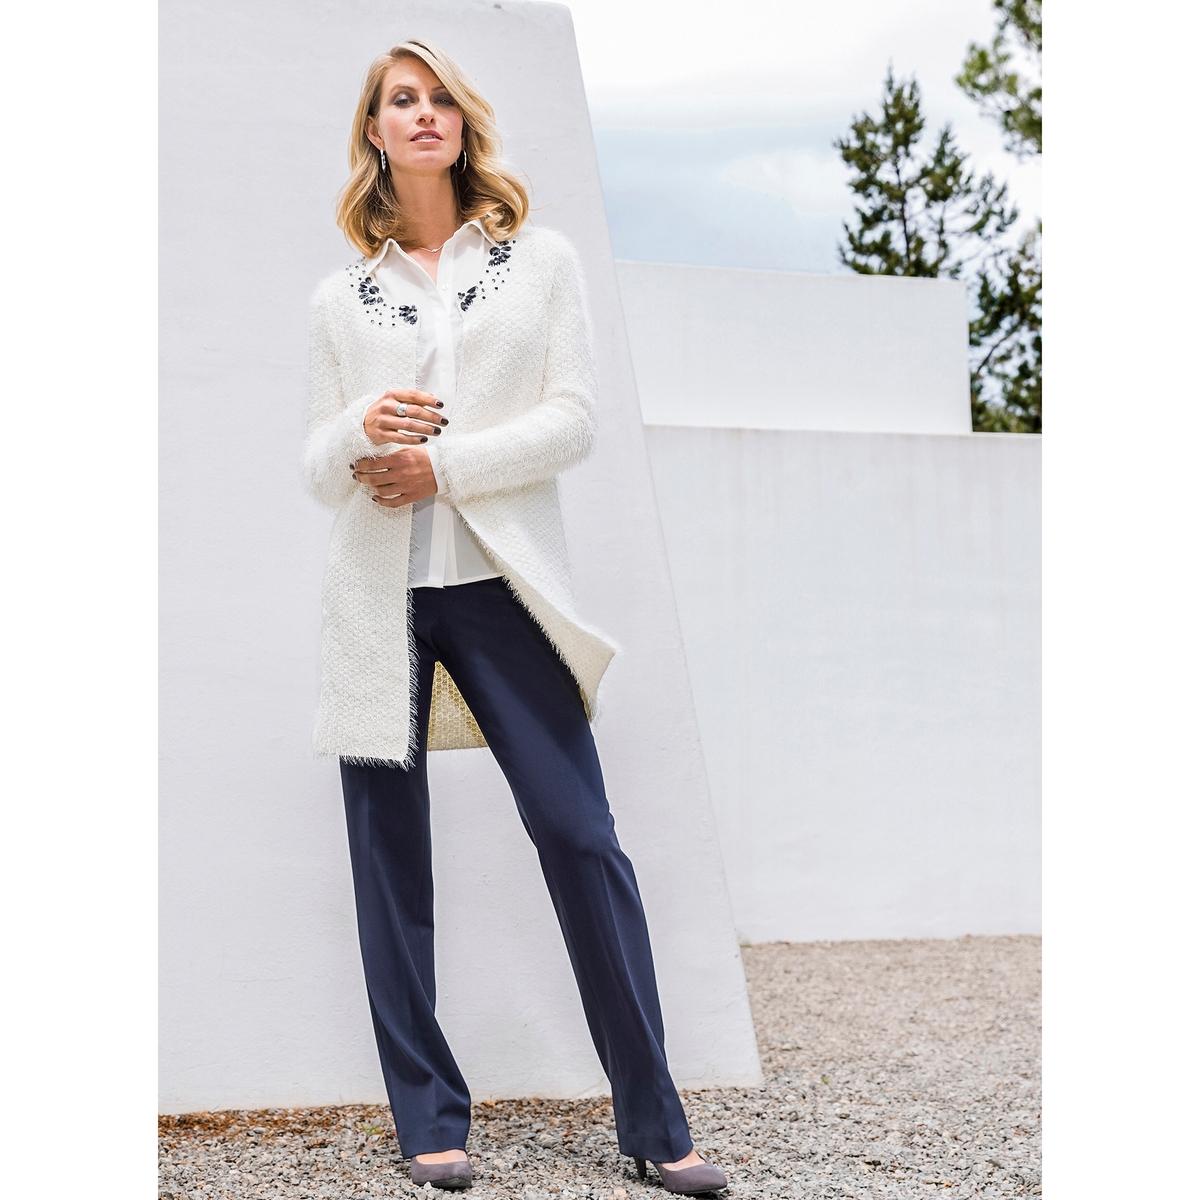 Imagen adicional de producto de Pantalón urbano recto de poliviscosa de elastán - Anne weyburn